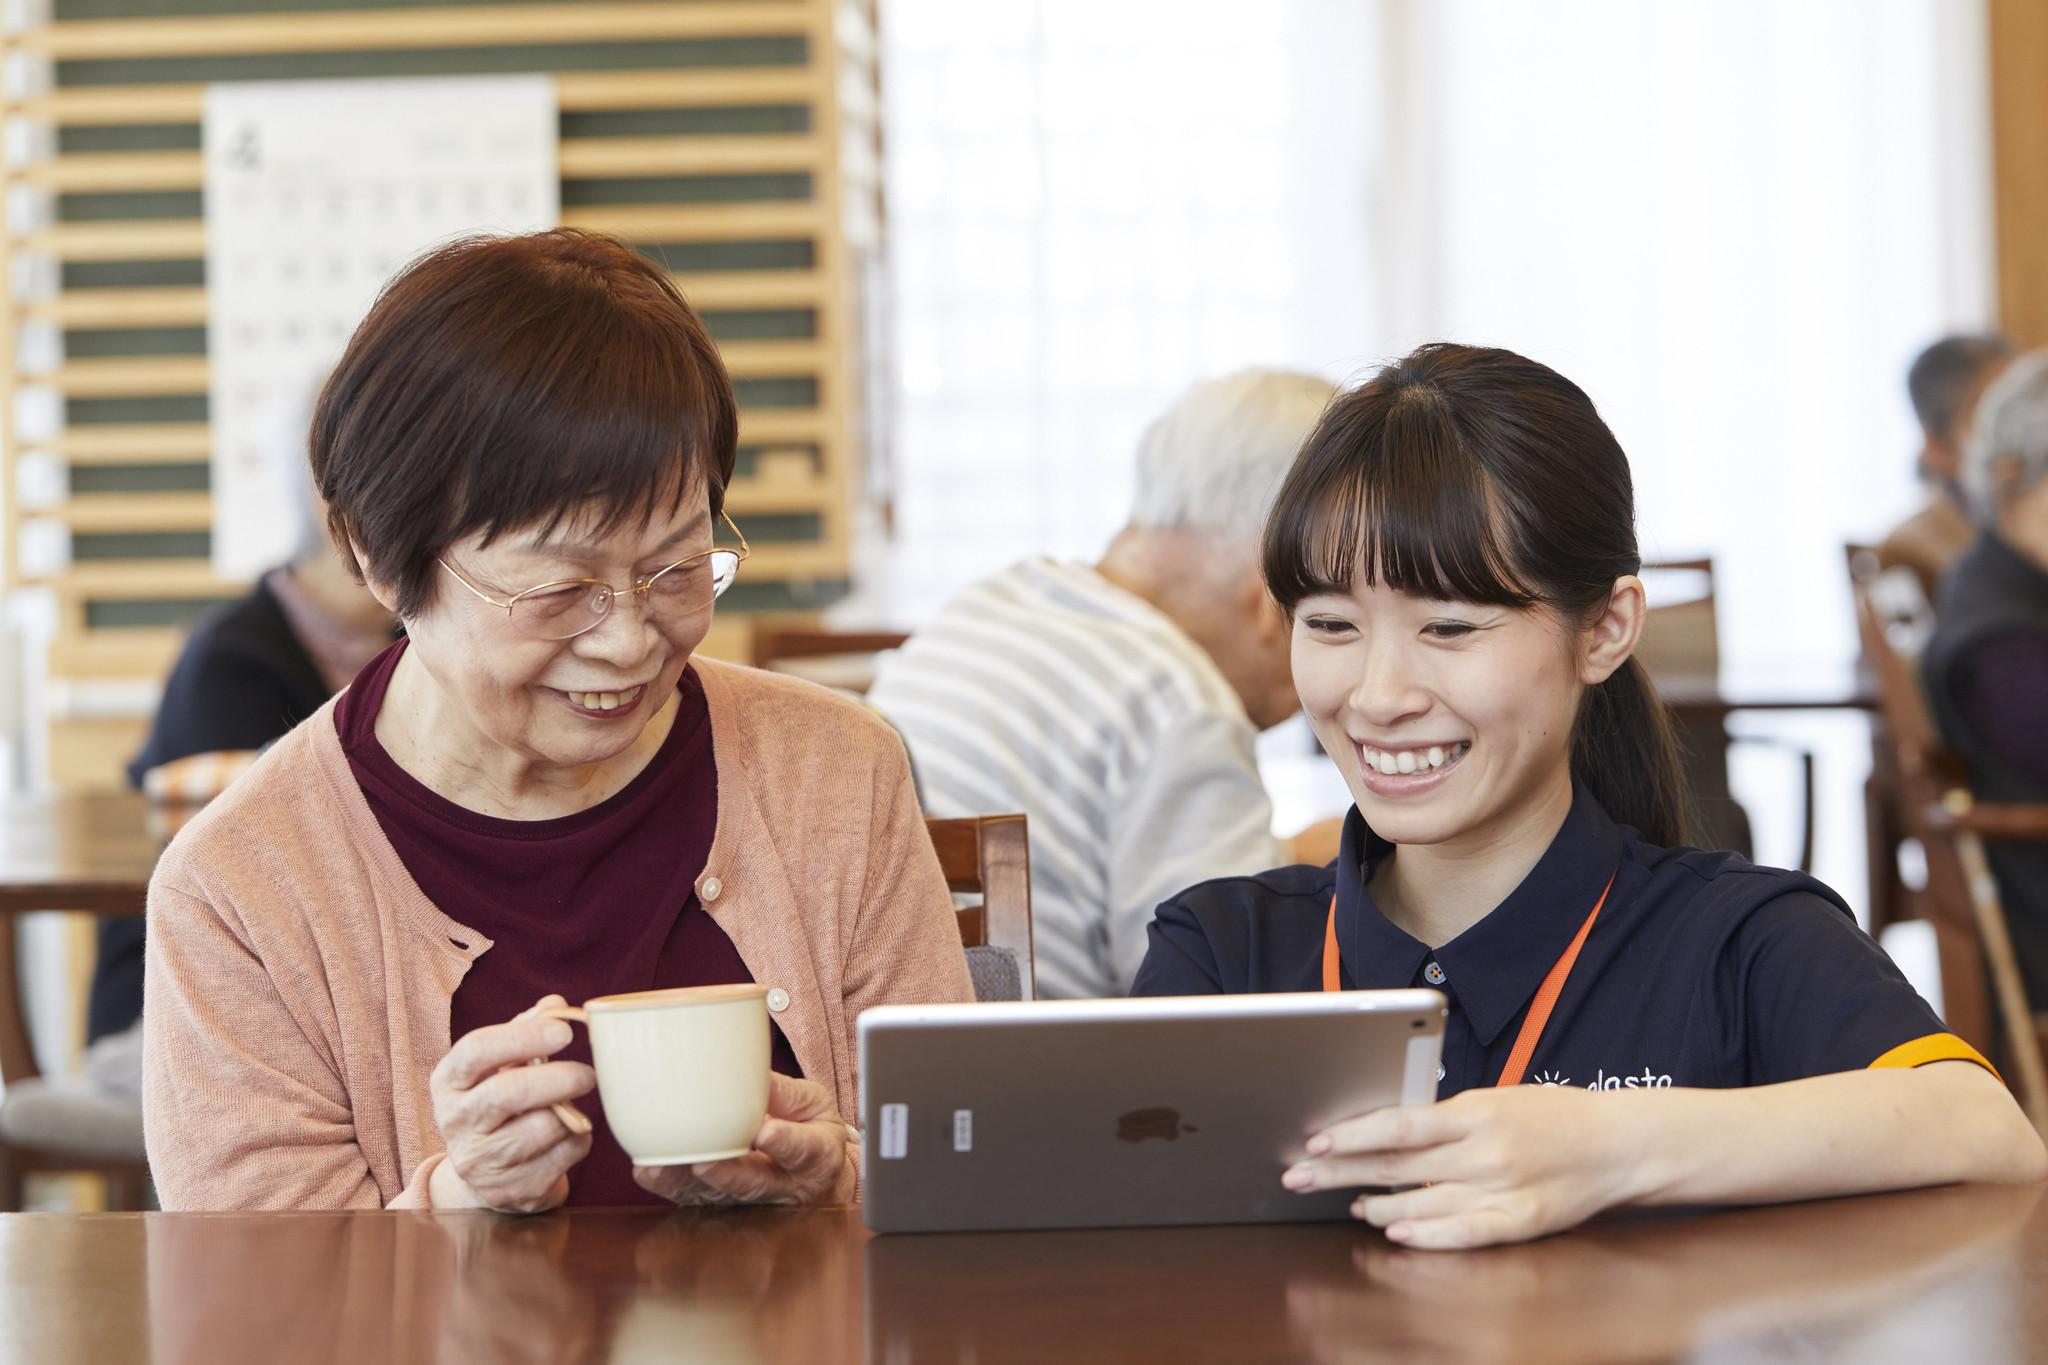 「かくれ低栄養状態」を早く見つけて、高齢者の健康管理をサポート (株)ソラストのプレスリリース